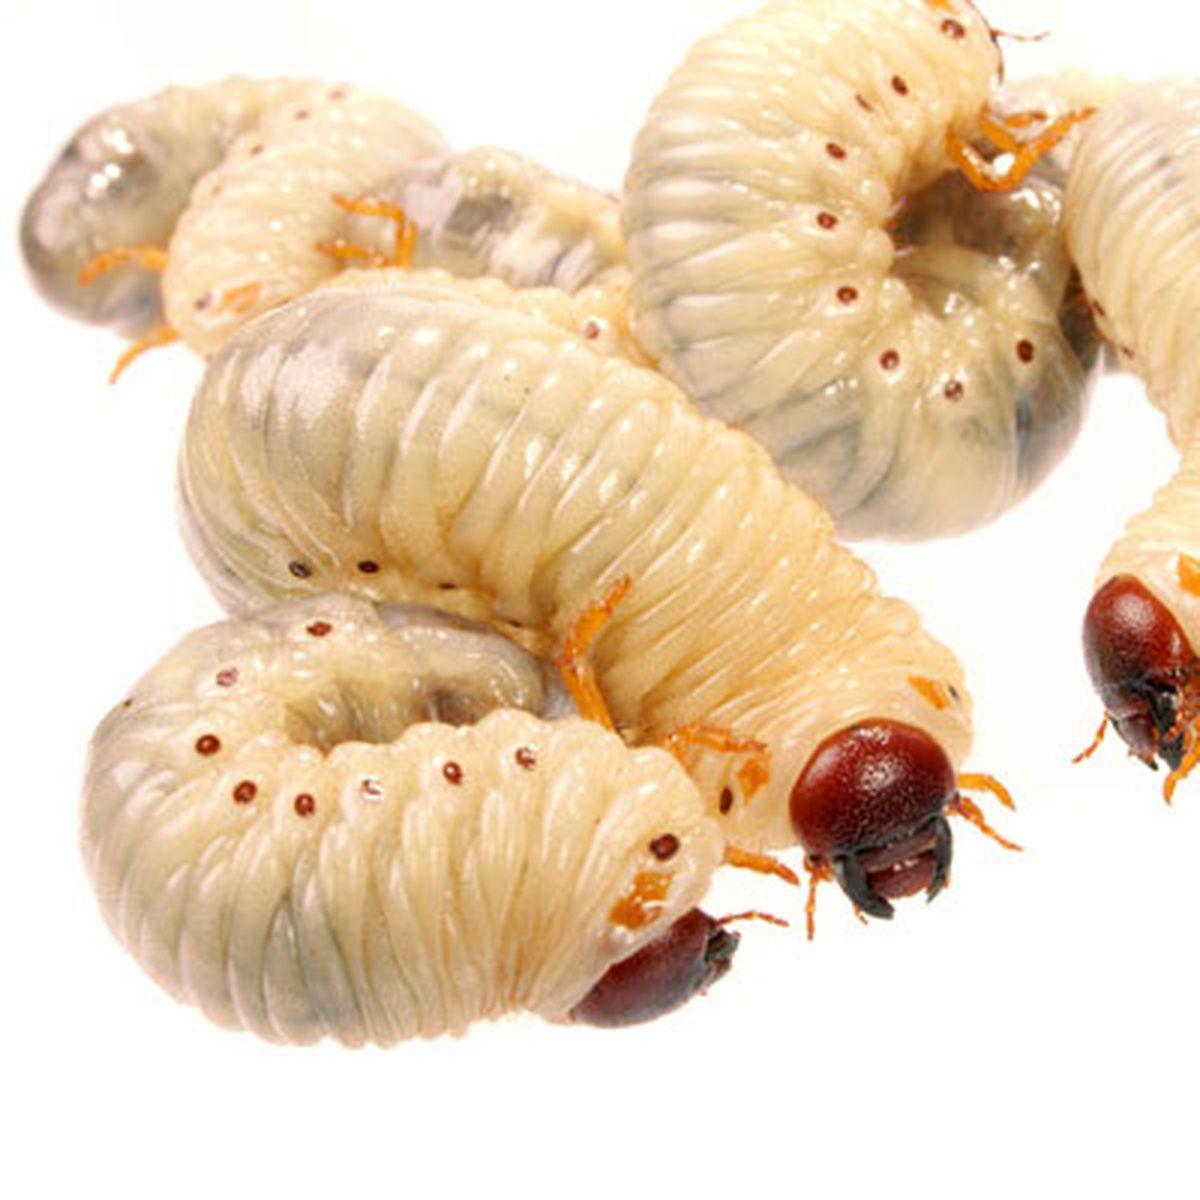 tablete cu viermi la comandă papilloma virus urines